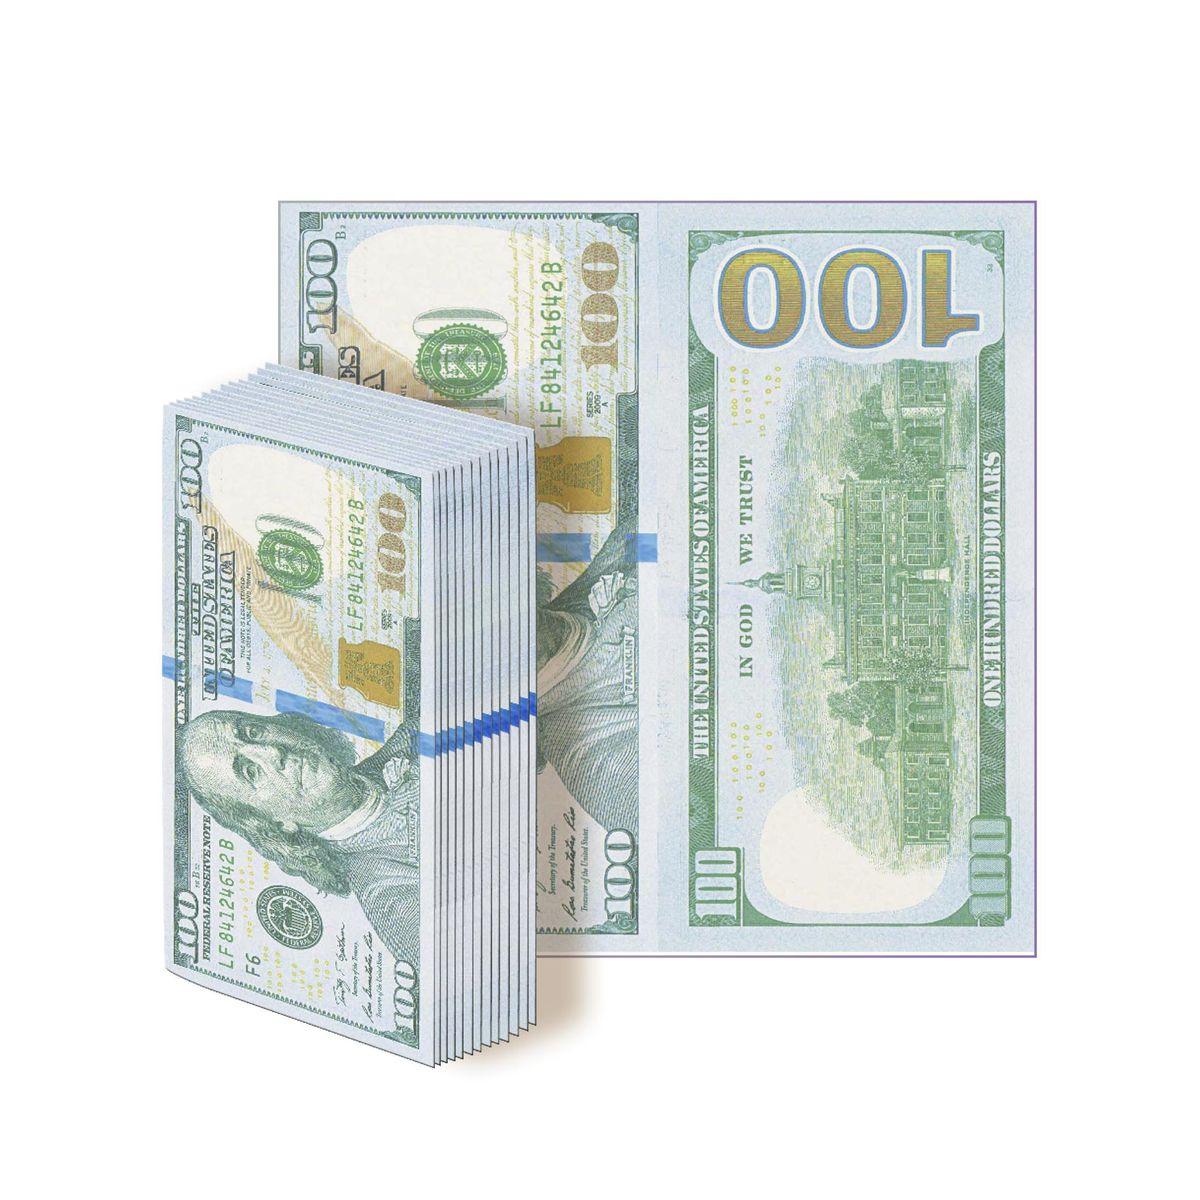 Салфетки бумажные Gratias 100 долларов, трехслойные, 33 х 33 см, 12 шт91639Бумажные салфетки в виде 100 долларовых купюр. Отличный выбор для оформления веселой вечеринки, подчеркнет ваше прекрасное чувствоюмора и добавит дополнительного антуража на ваш праздник. Размер салфеток: - в сложенном виде: 16 х 8 см; - в развернутом виде: 33 х 33 см.